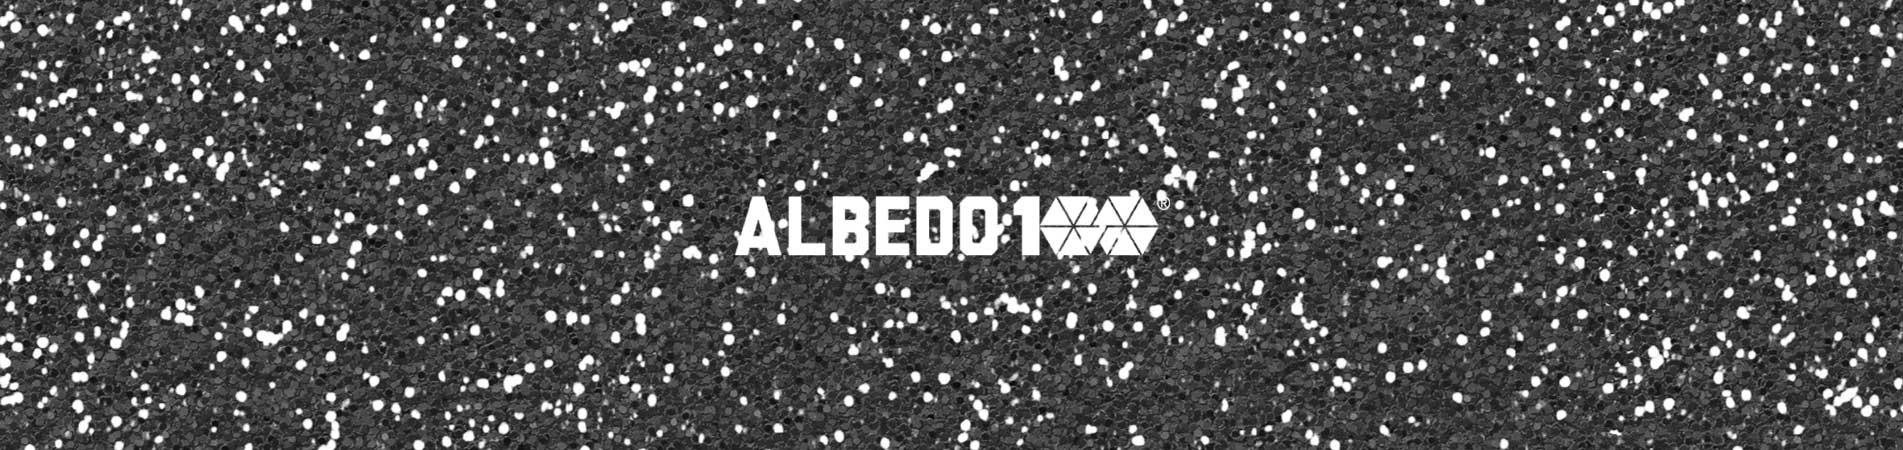 albedo-brand-banner-v1r0.jpg